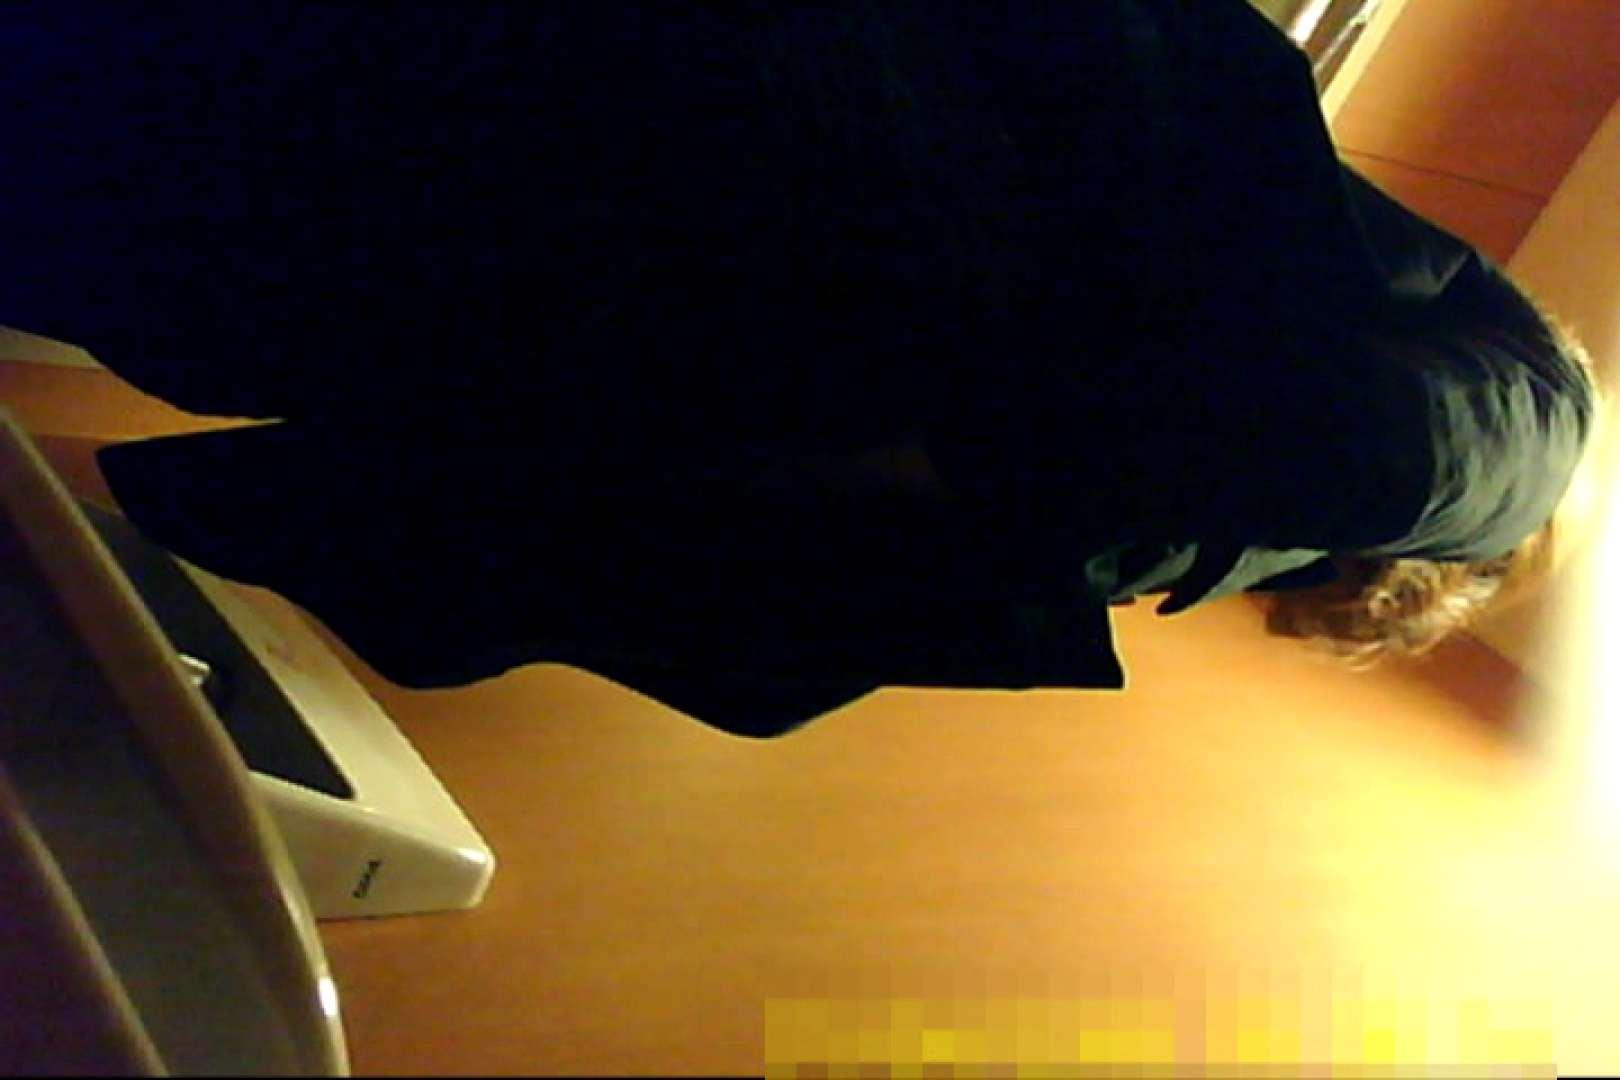 魅惑の化粧室~禁断のプライベート空間~29 プライベート  74連発 73